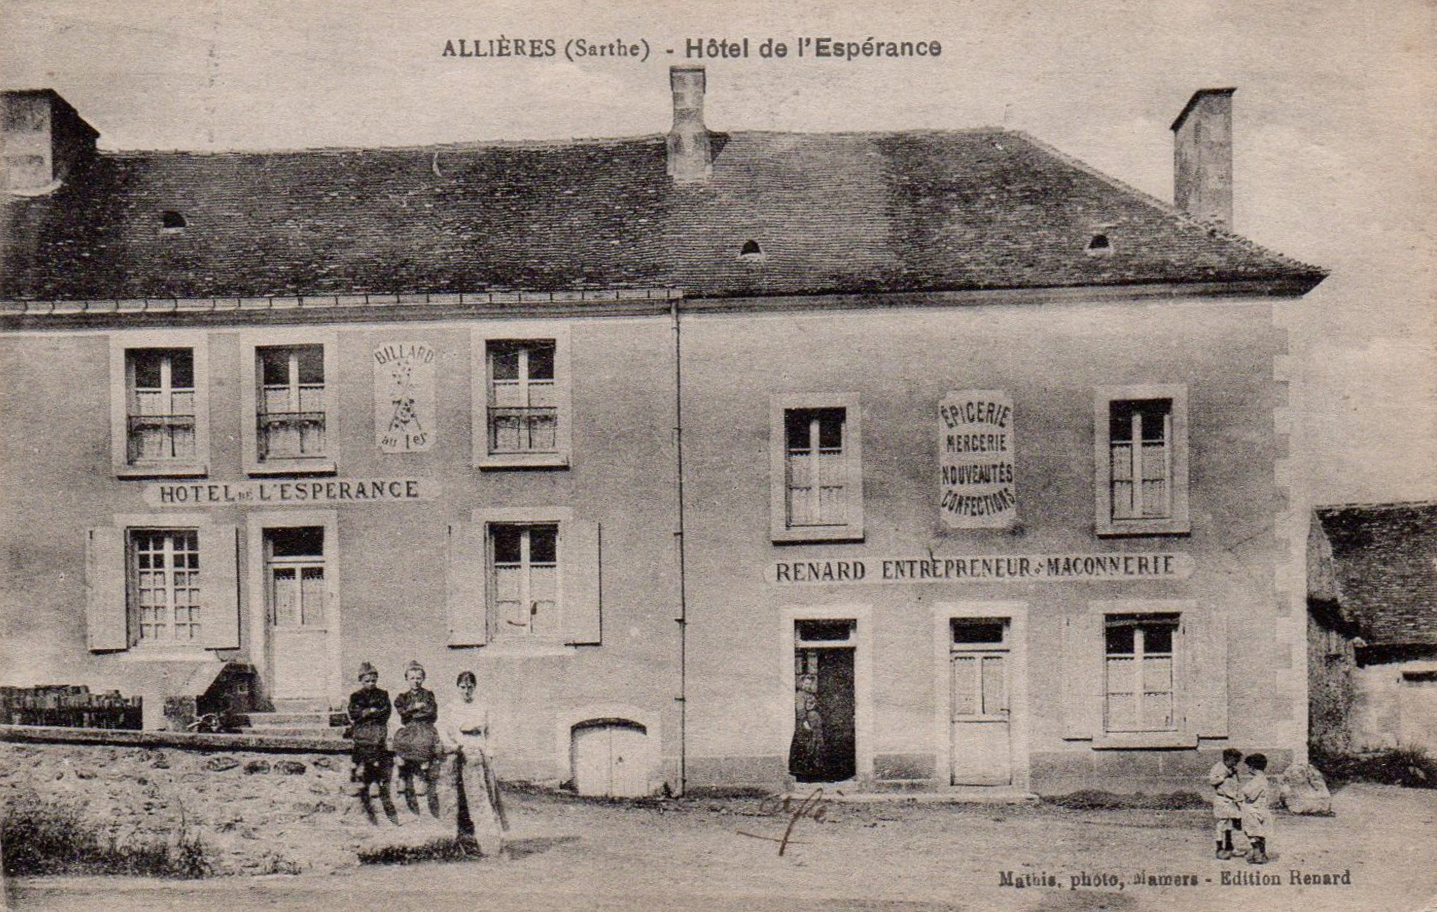 Allières - Hôtel de l'Espérance